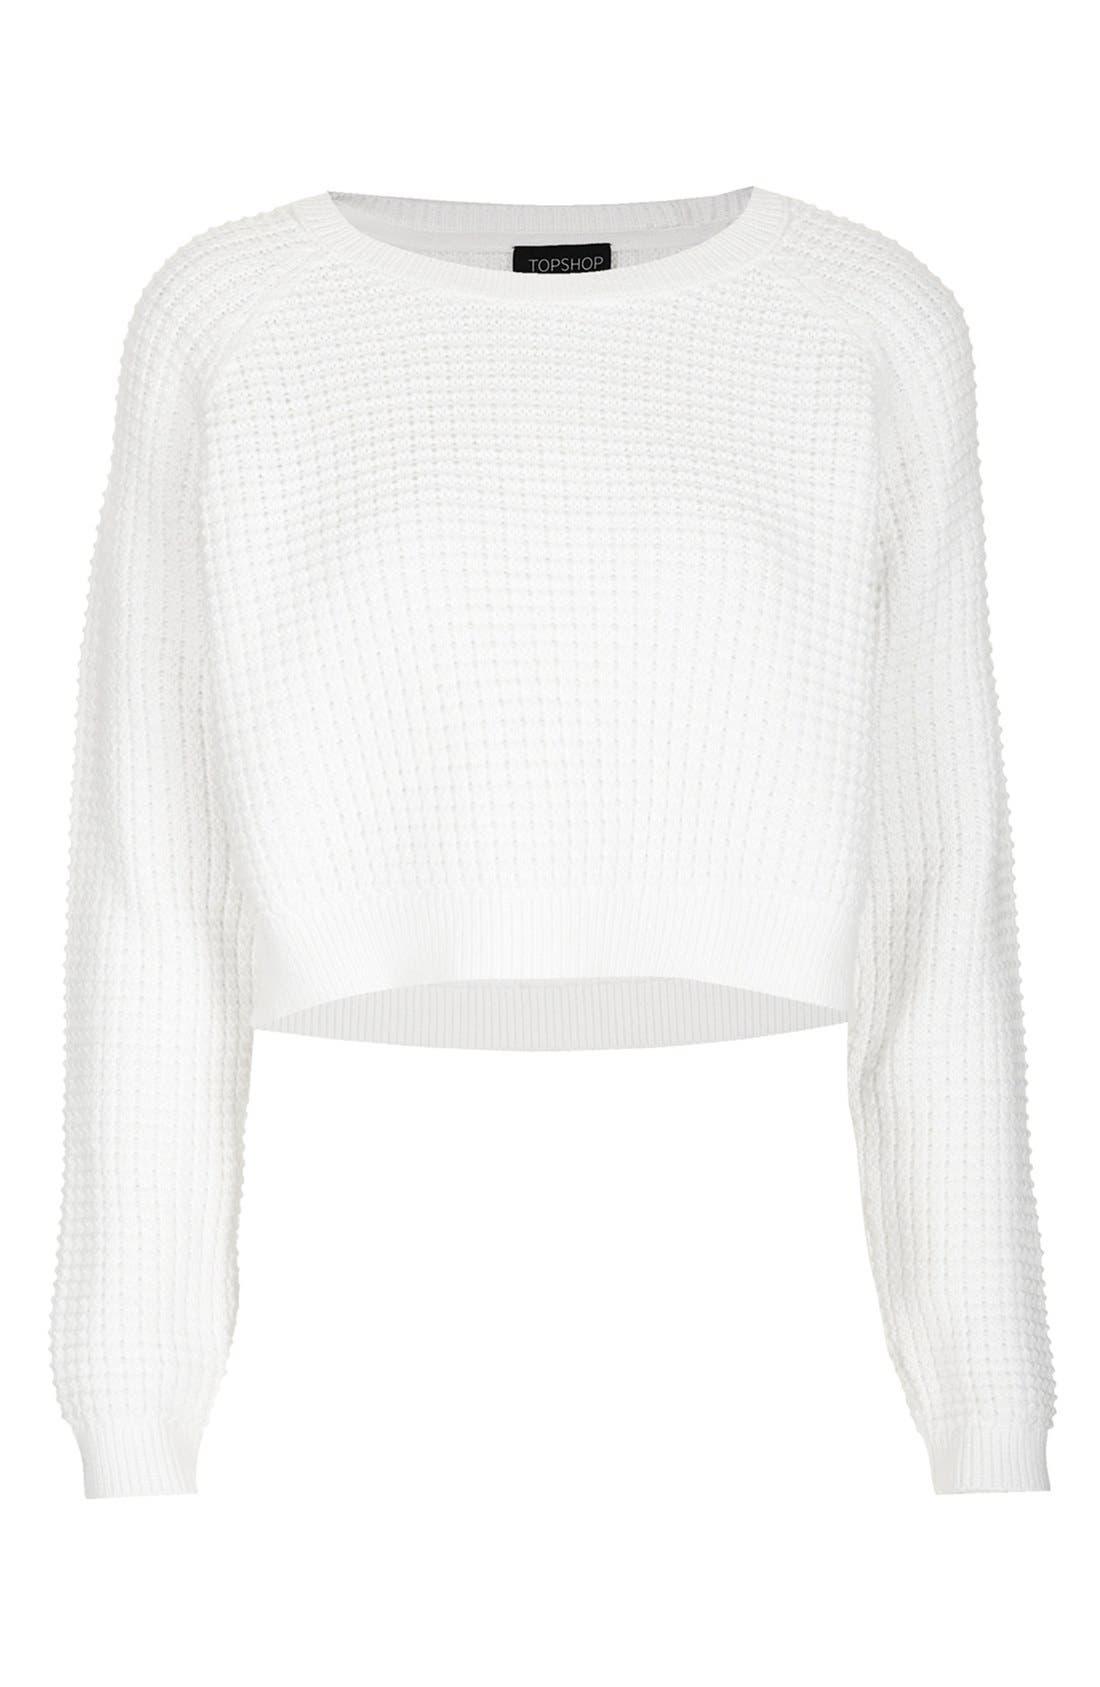 Alternate Image 3  - Topshop 'Fisherman' Crop Sweater